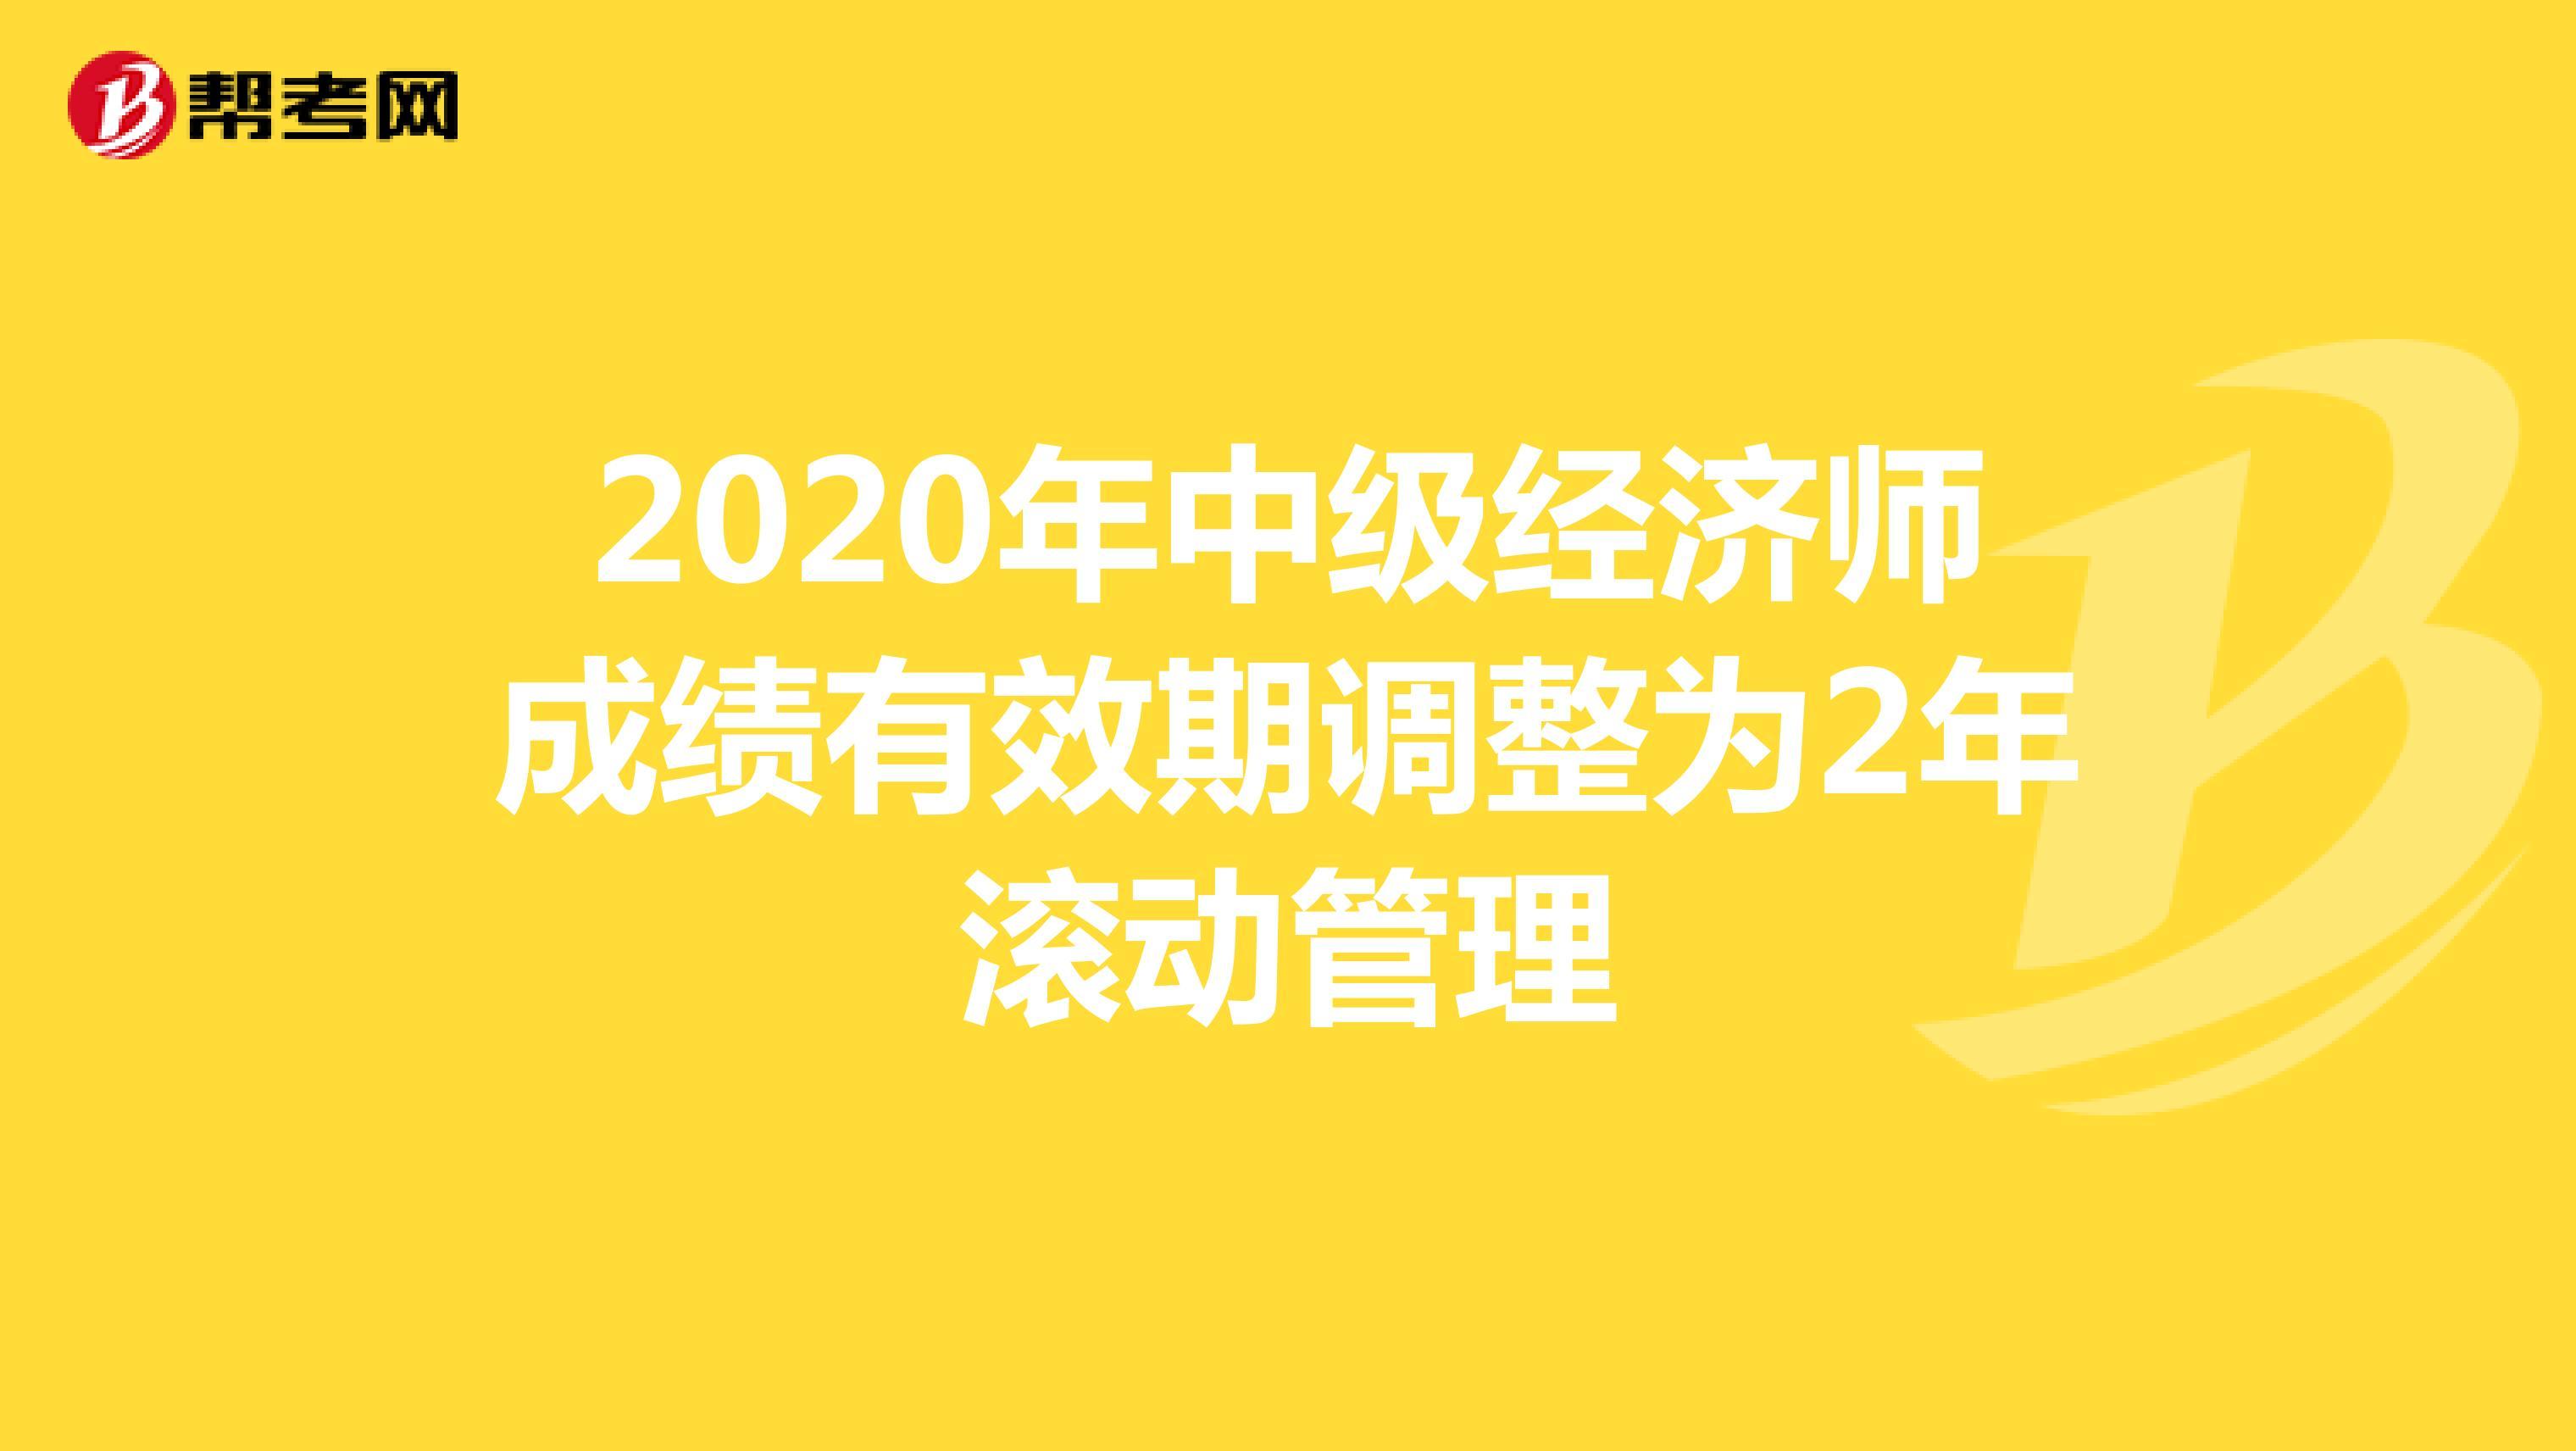 2020年(hot88电竞官网)中级经济师成绩有效期调整为2年滚动管理